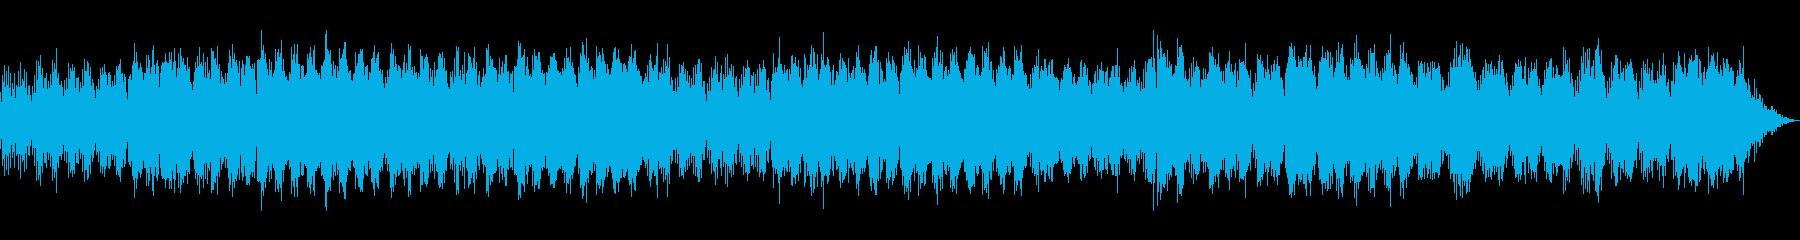 瞑想やヨガ、睡眠誘導のための音楽 01bの再生済みの波形